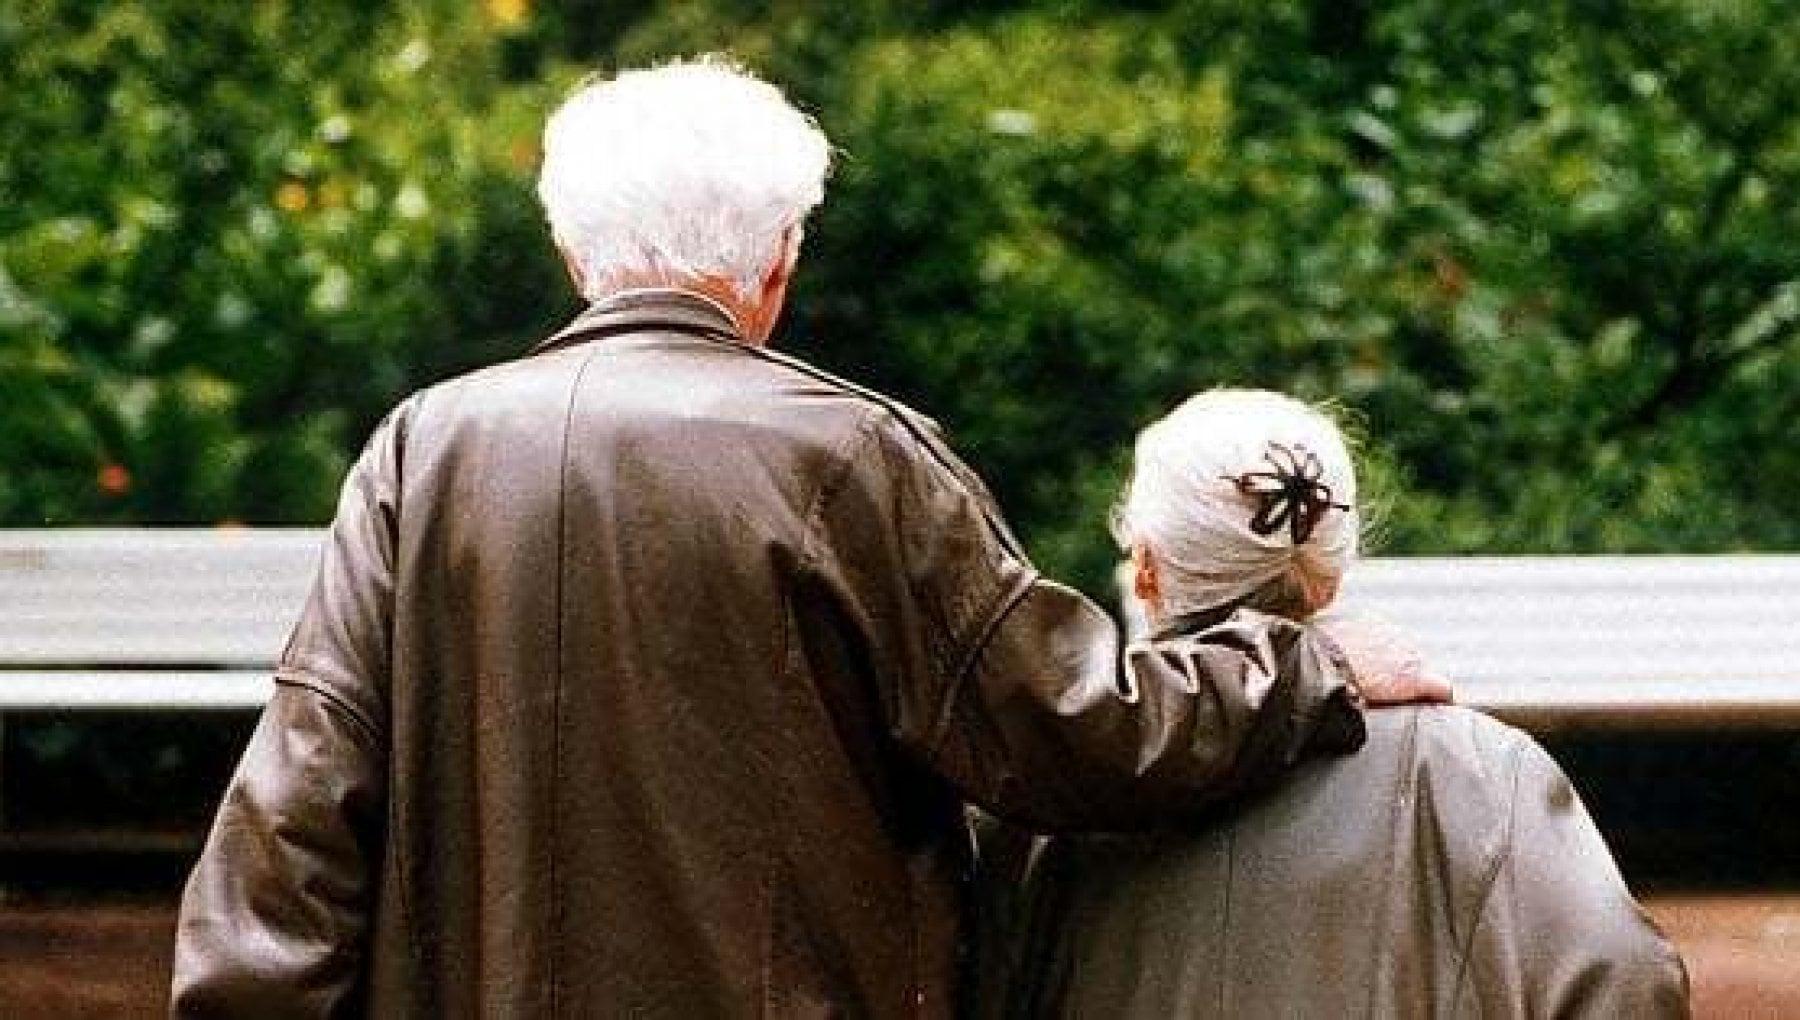 Istat Italia paese sempre piu vecchio cinque anziani ogni bambino